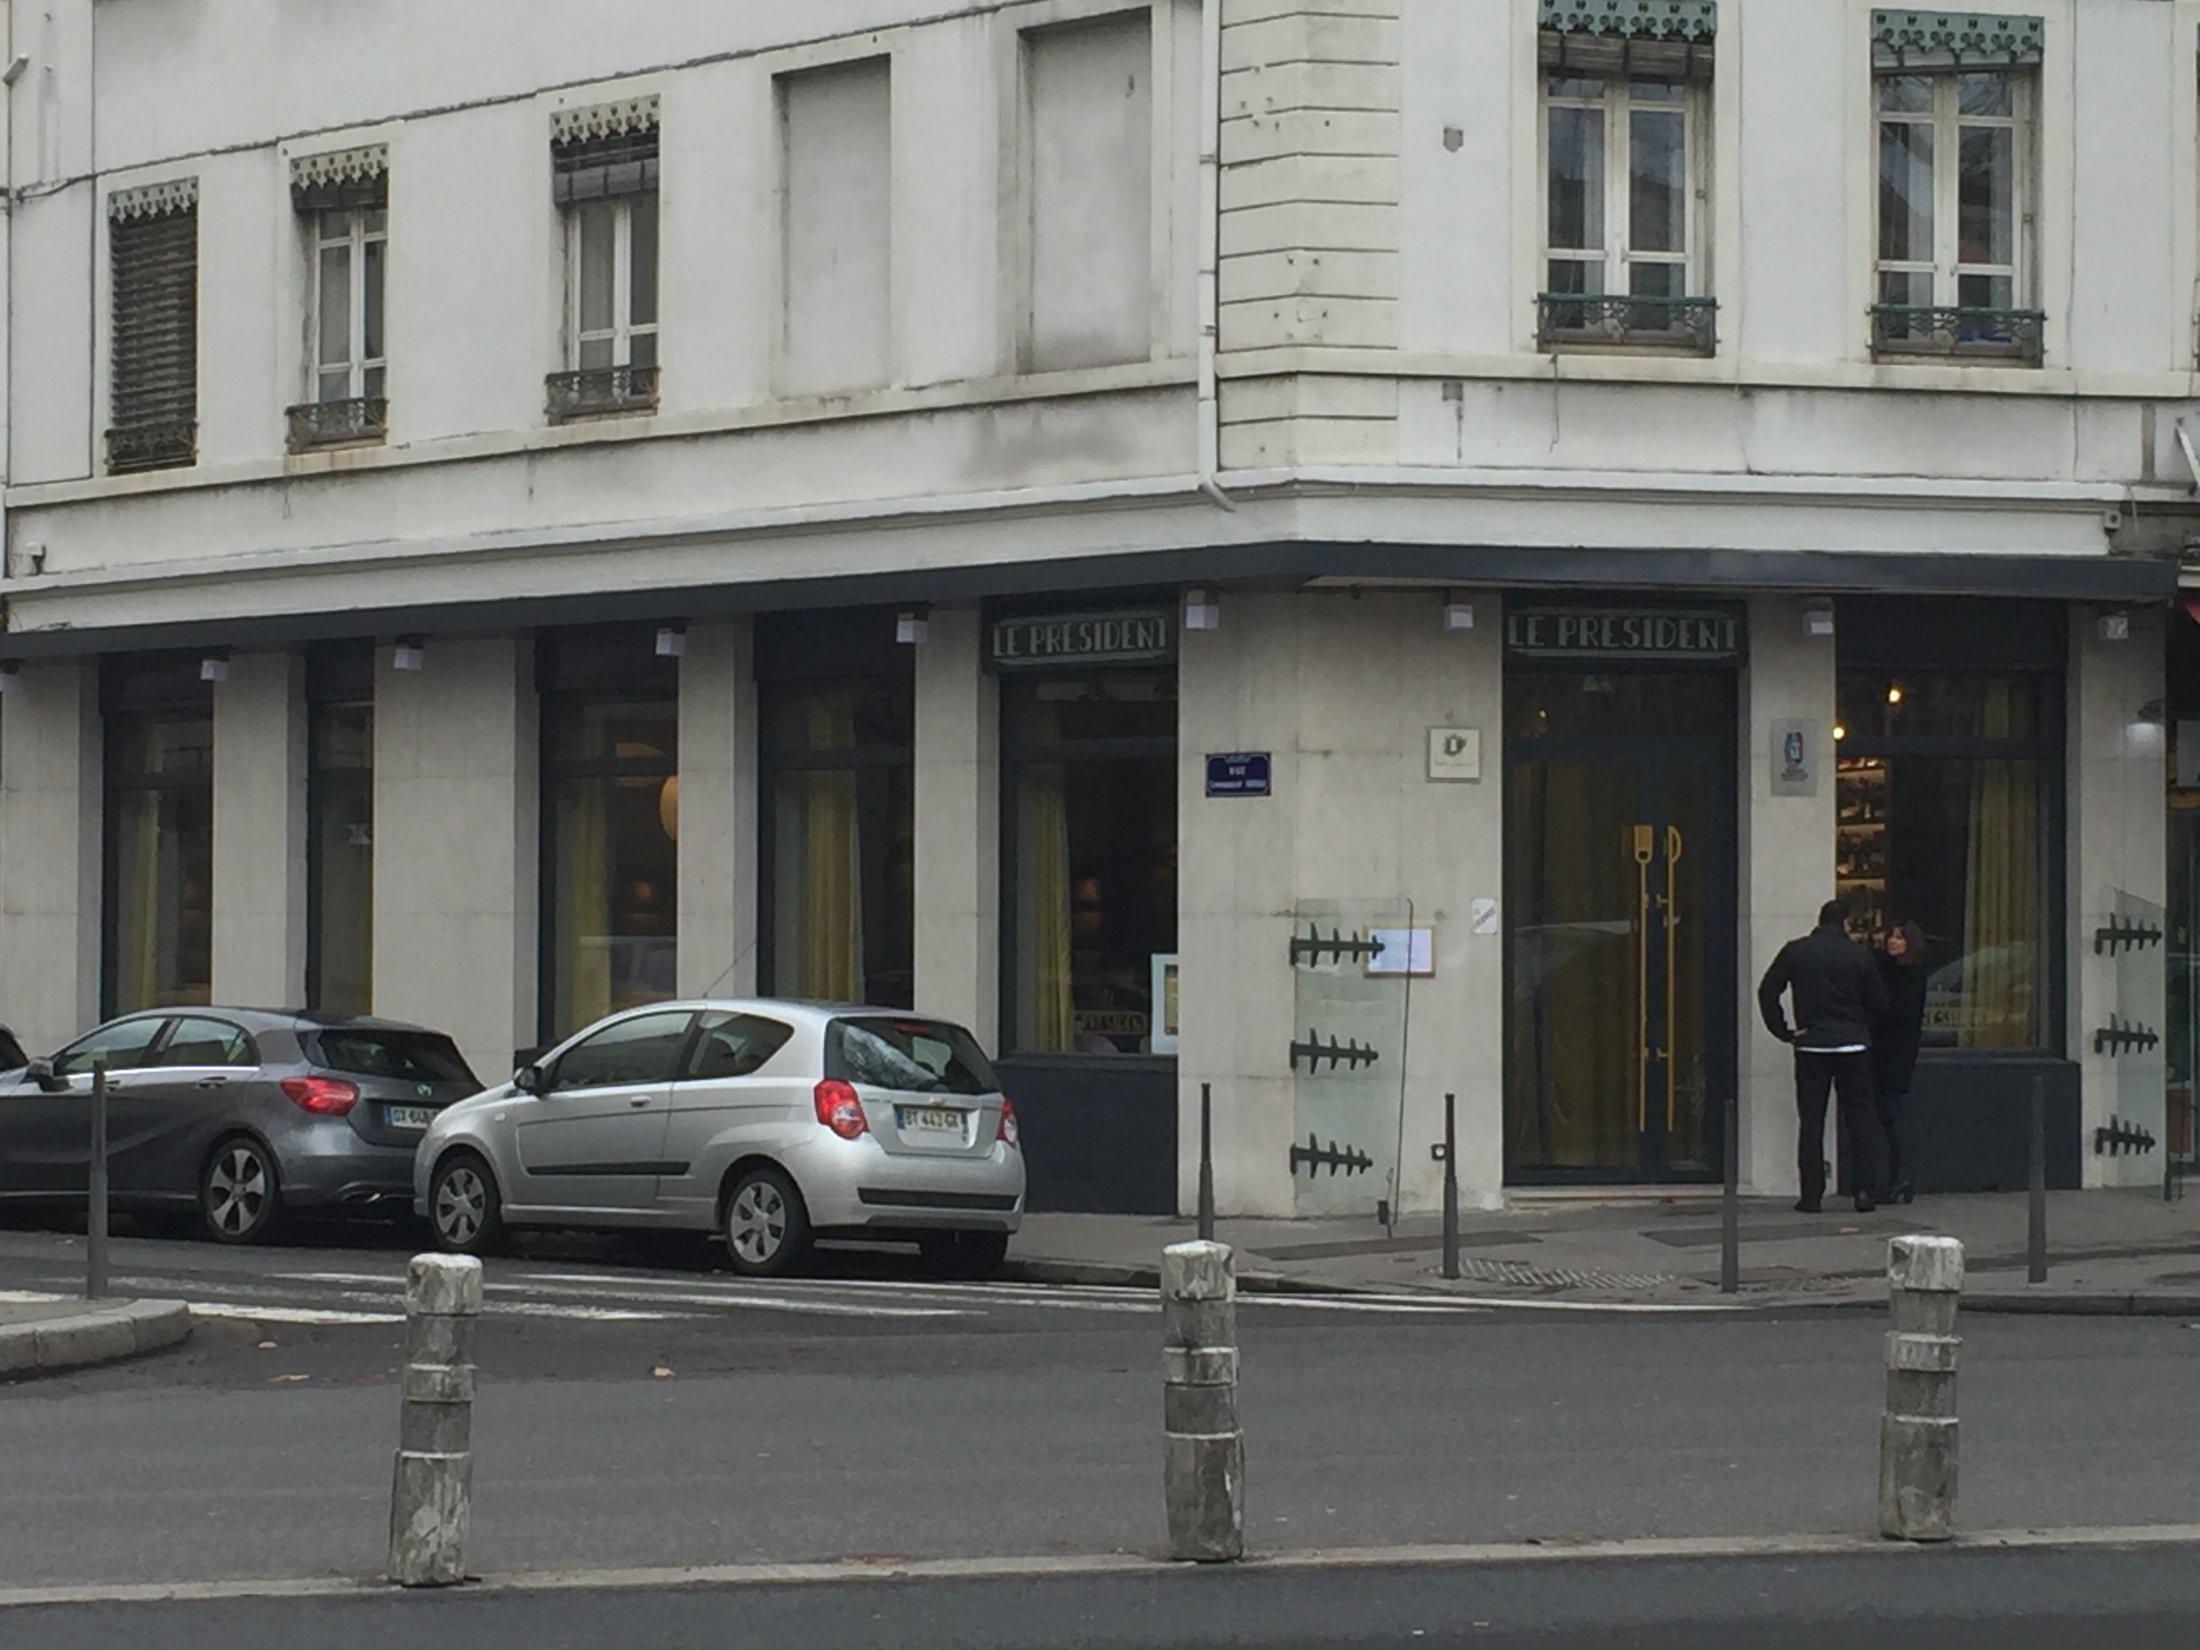 c7e0a8c74 RESTAURANT LE PRESIDENT - Entreprise Michel